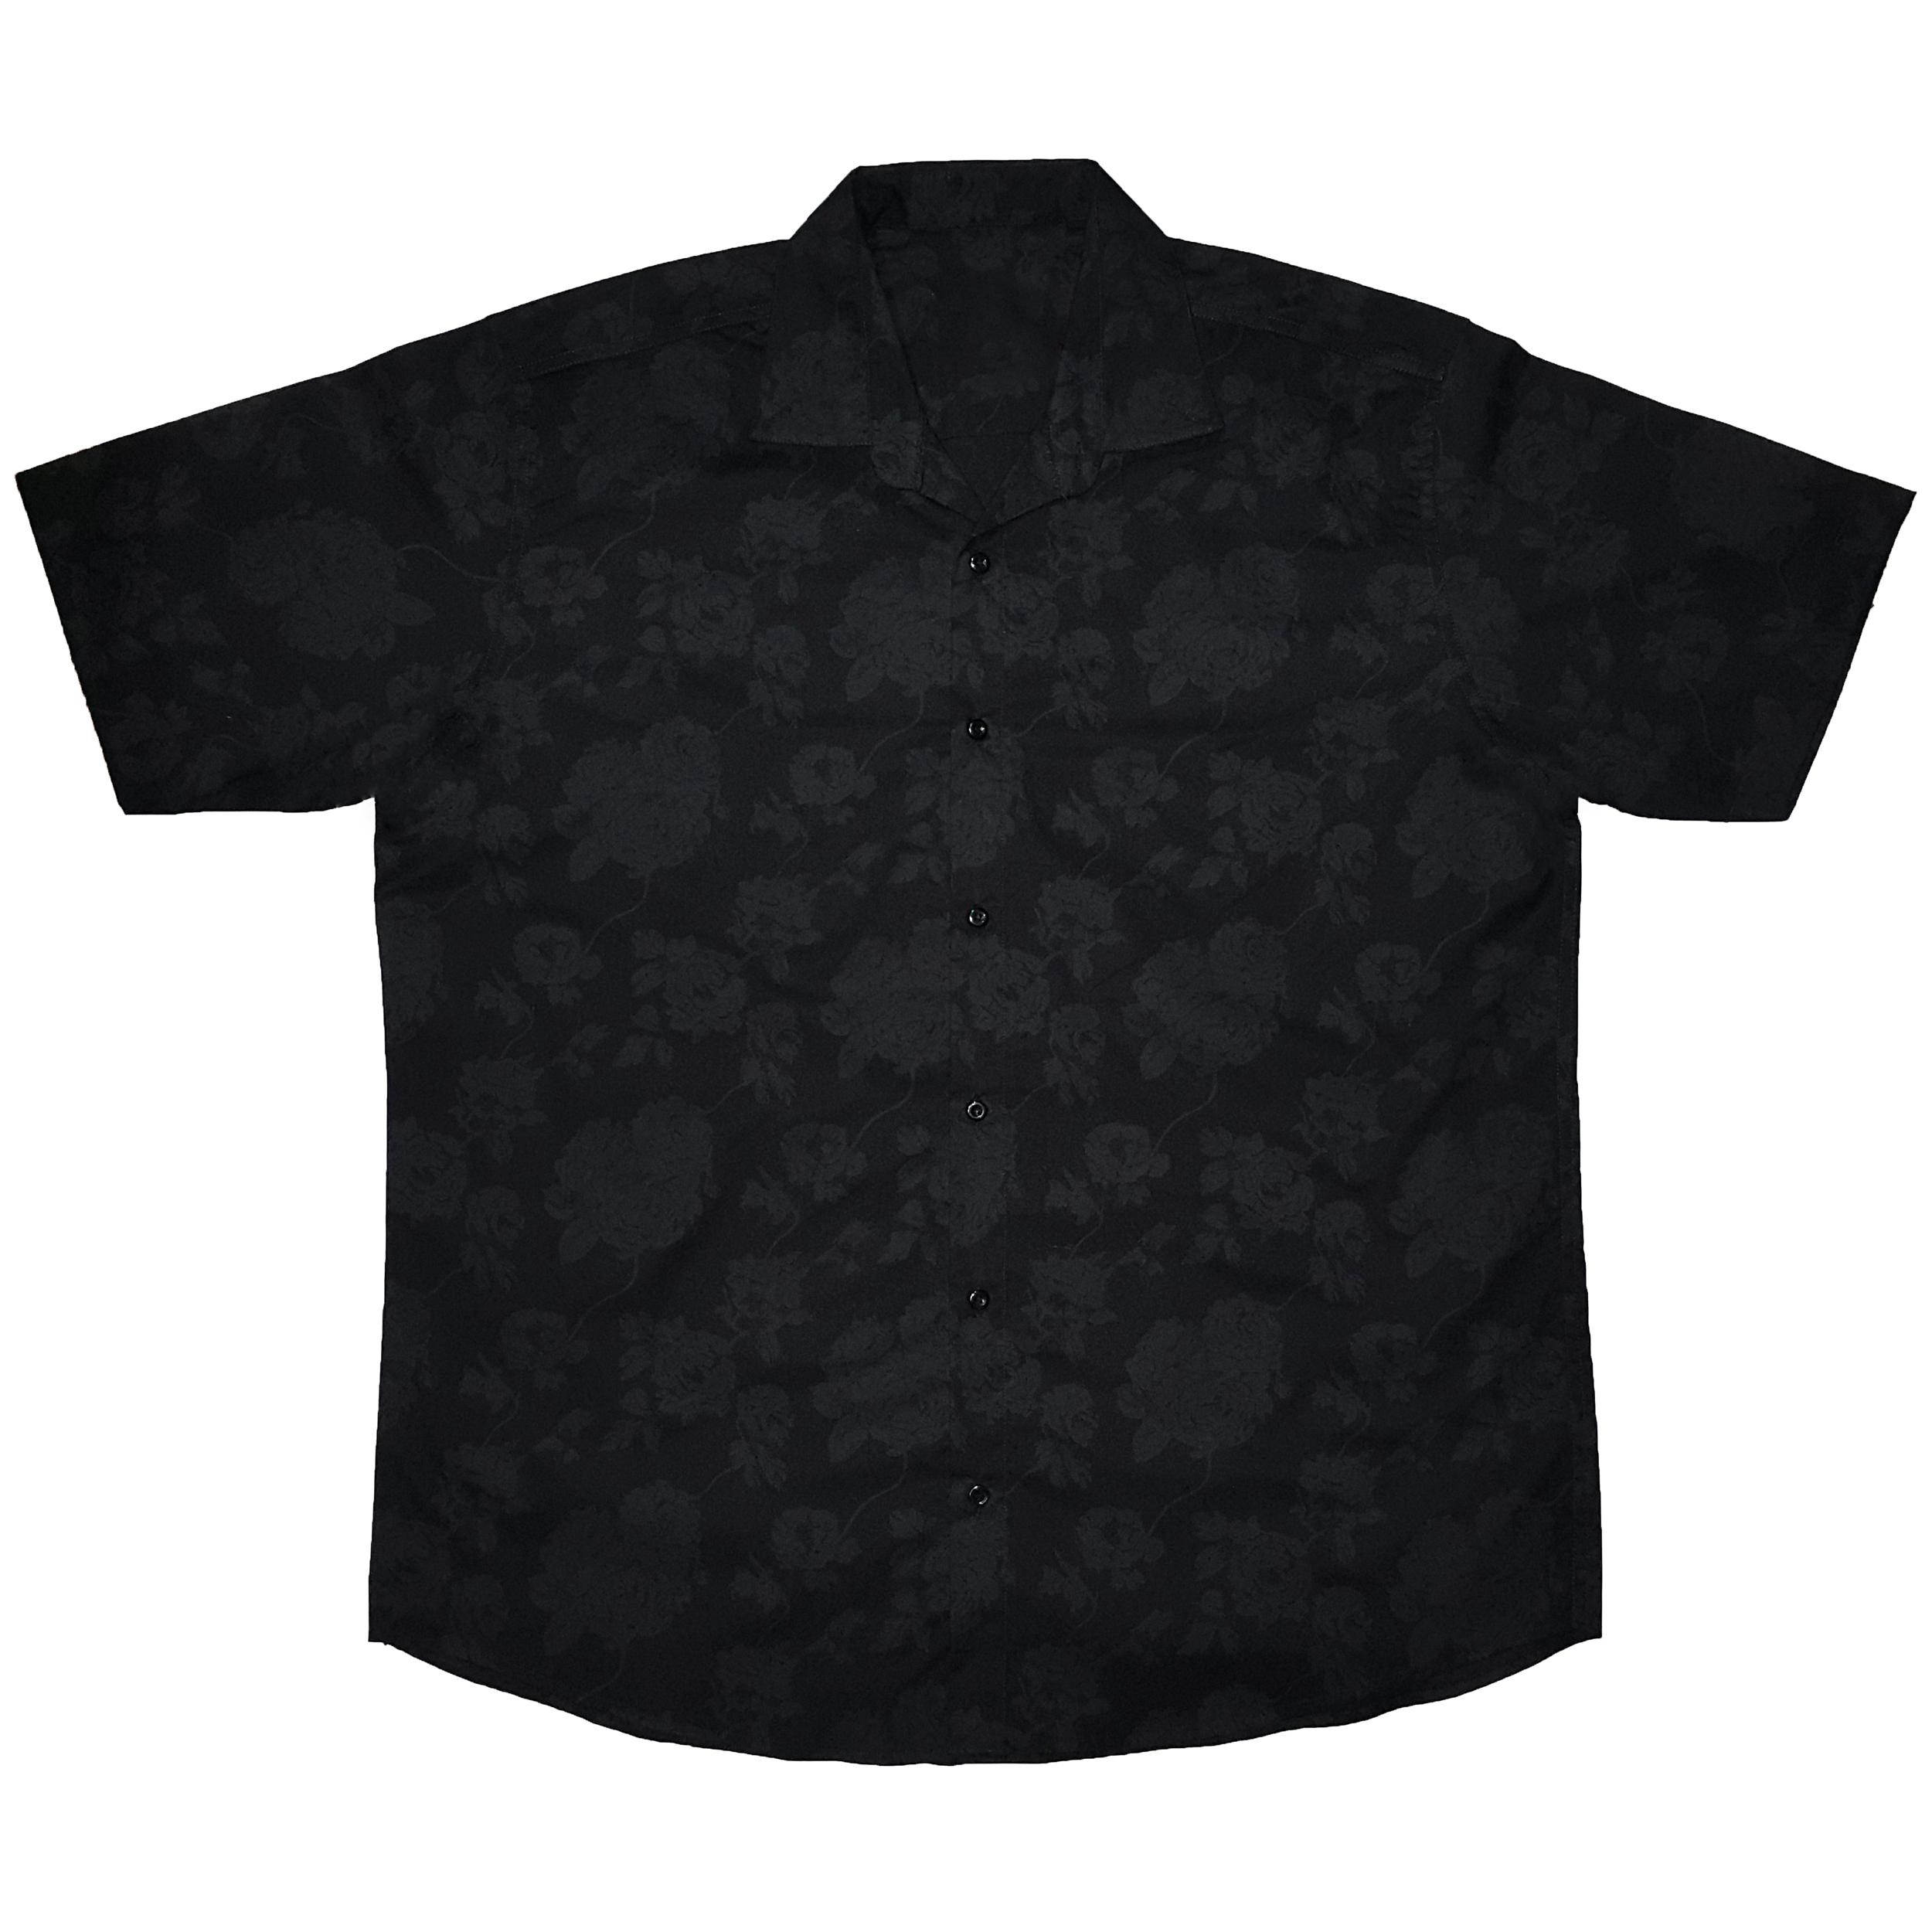 پیراهن آستین کوتاه مردانه کد P10